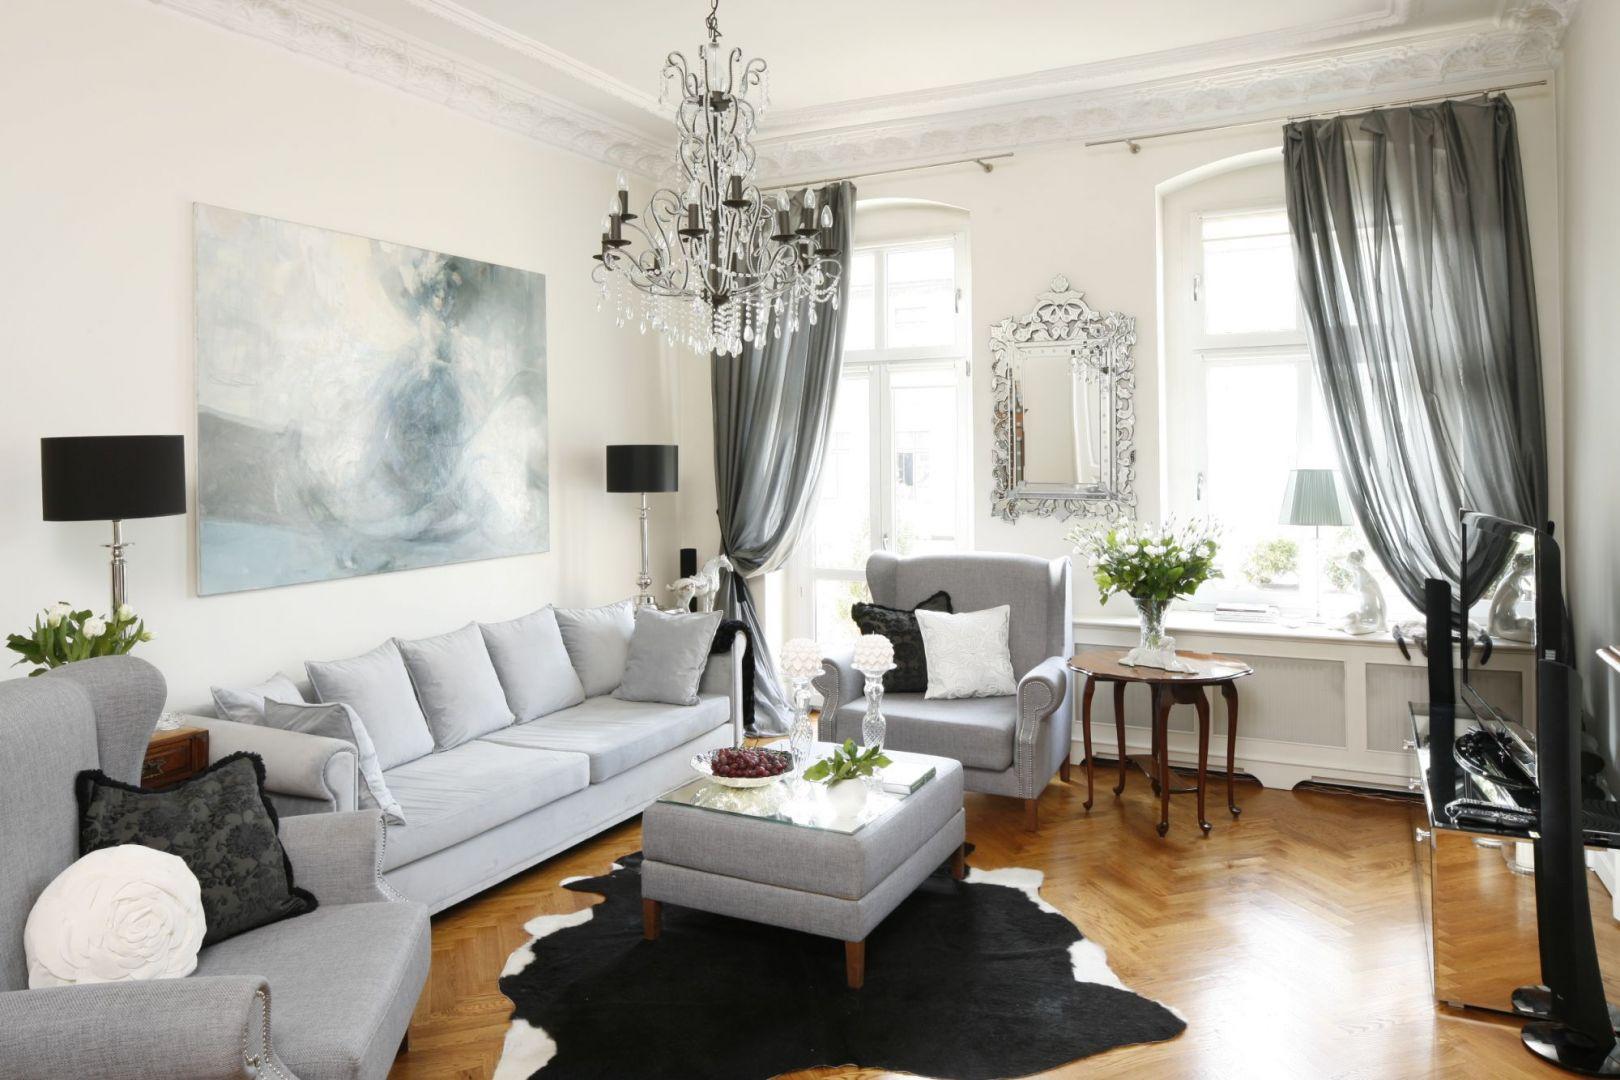 Umiejętnie dobrane kolory, meble i dodatki sprawiły, że powstał stylowy elegancki salon, w którym wszystko się dobrze komponuje. Projekt: Iwona Kurkowska Fot. Bartosz Jarosz